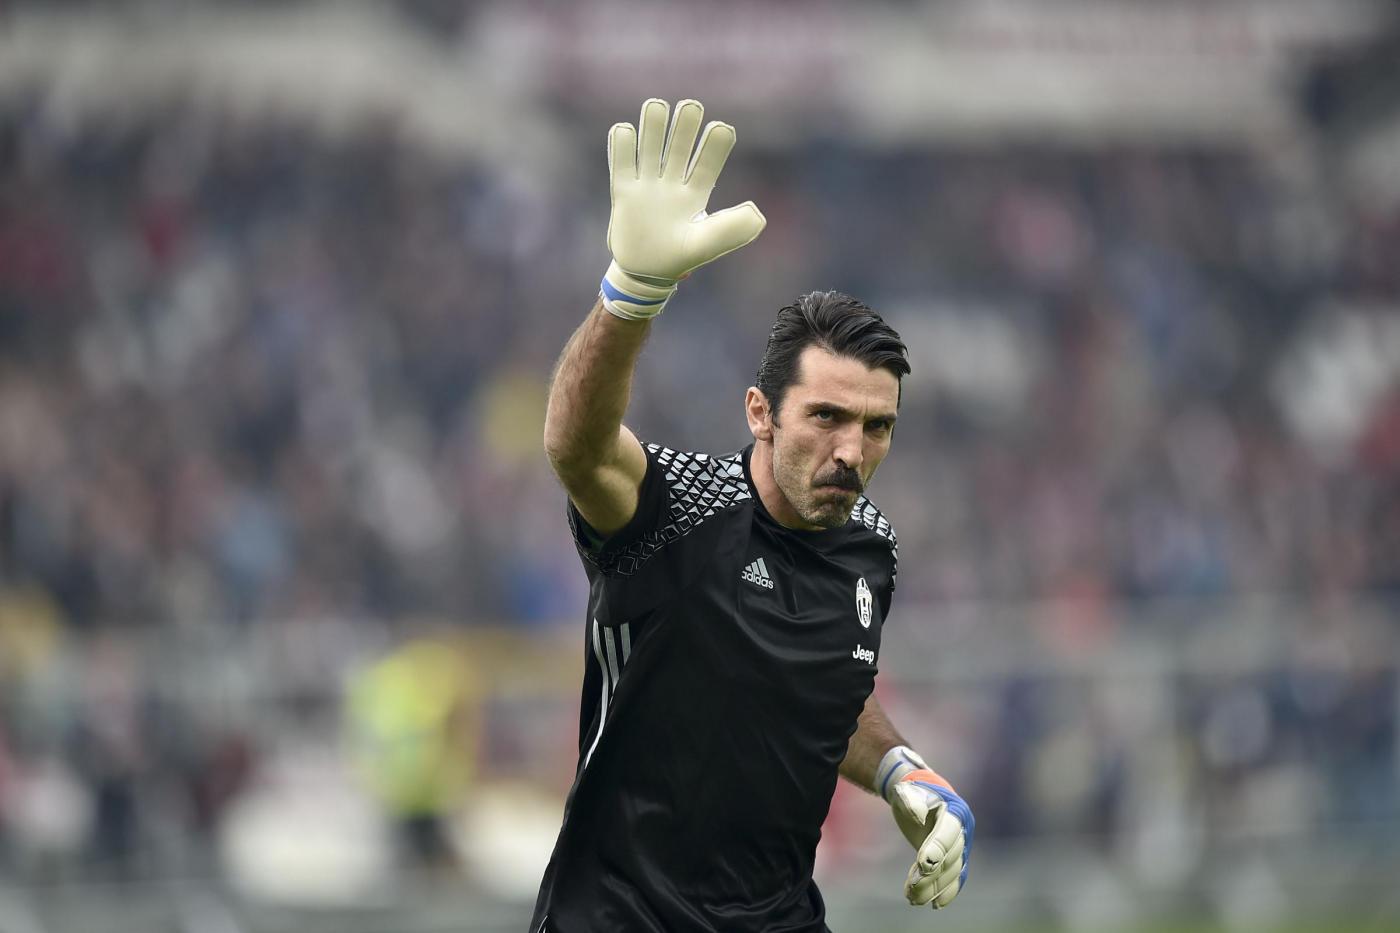 Gigi Buffon giocherà fino al 2018, poi il ritiro. A meno che…